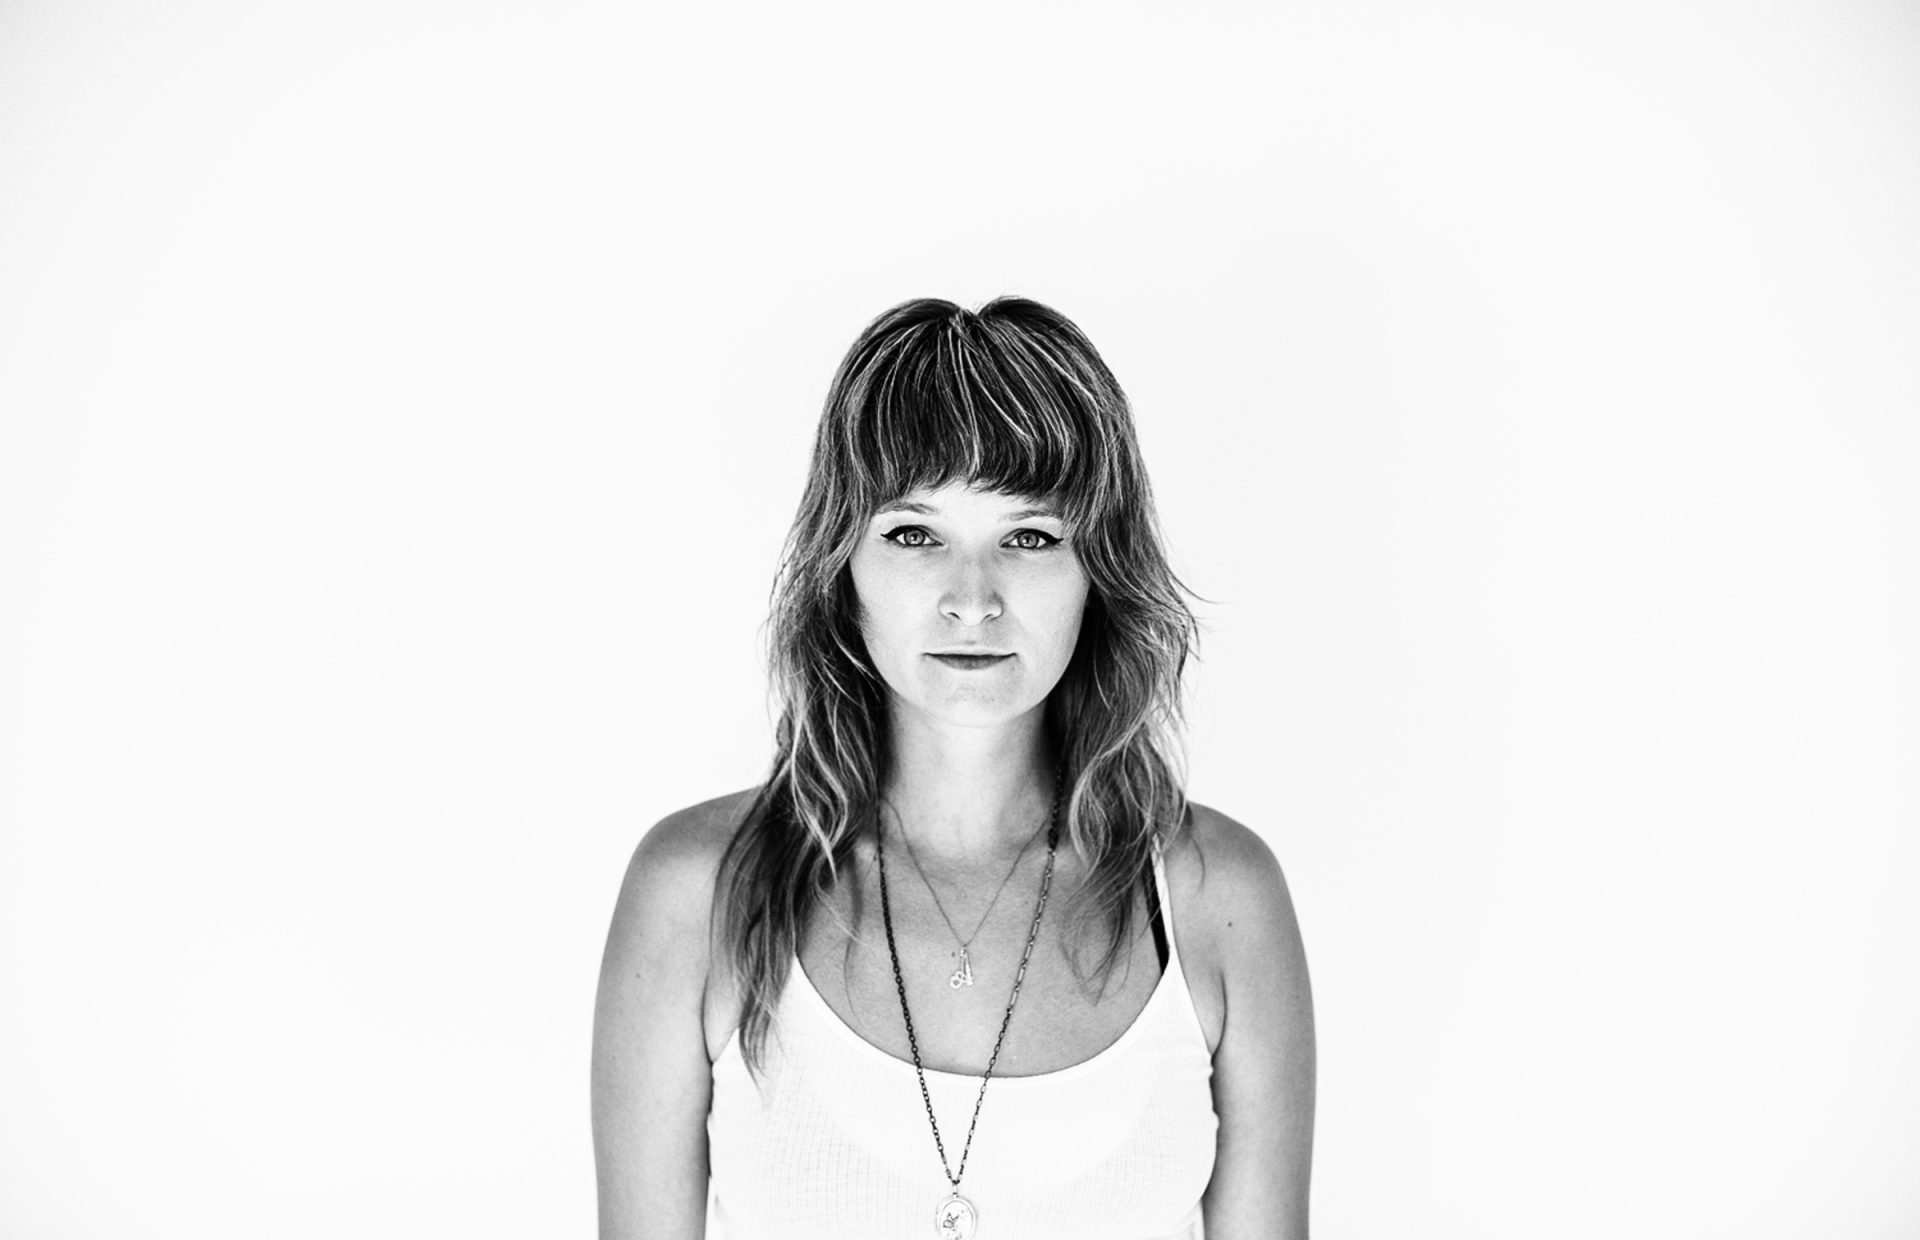 Andrea Behrends: Portrait + Lifestyle Photographer